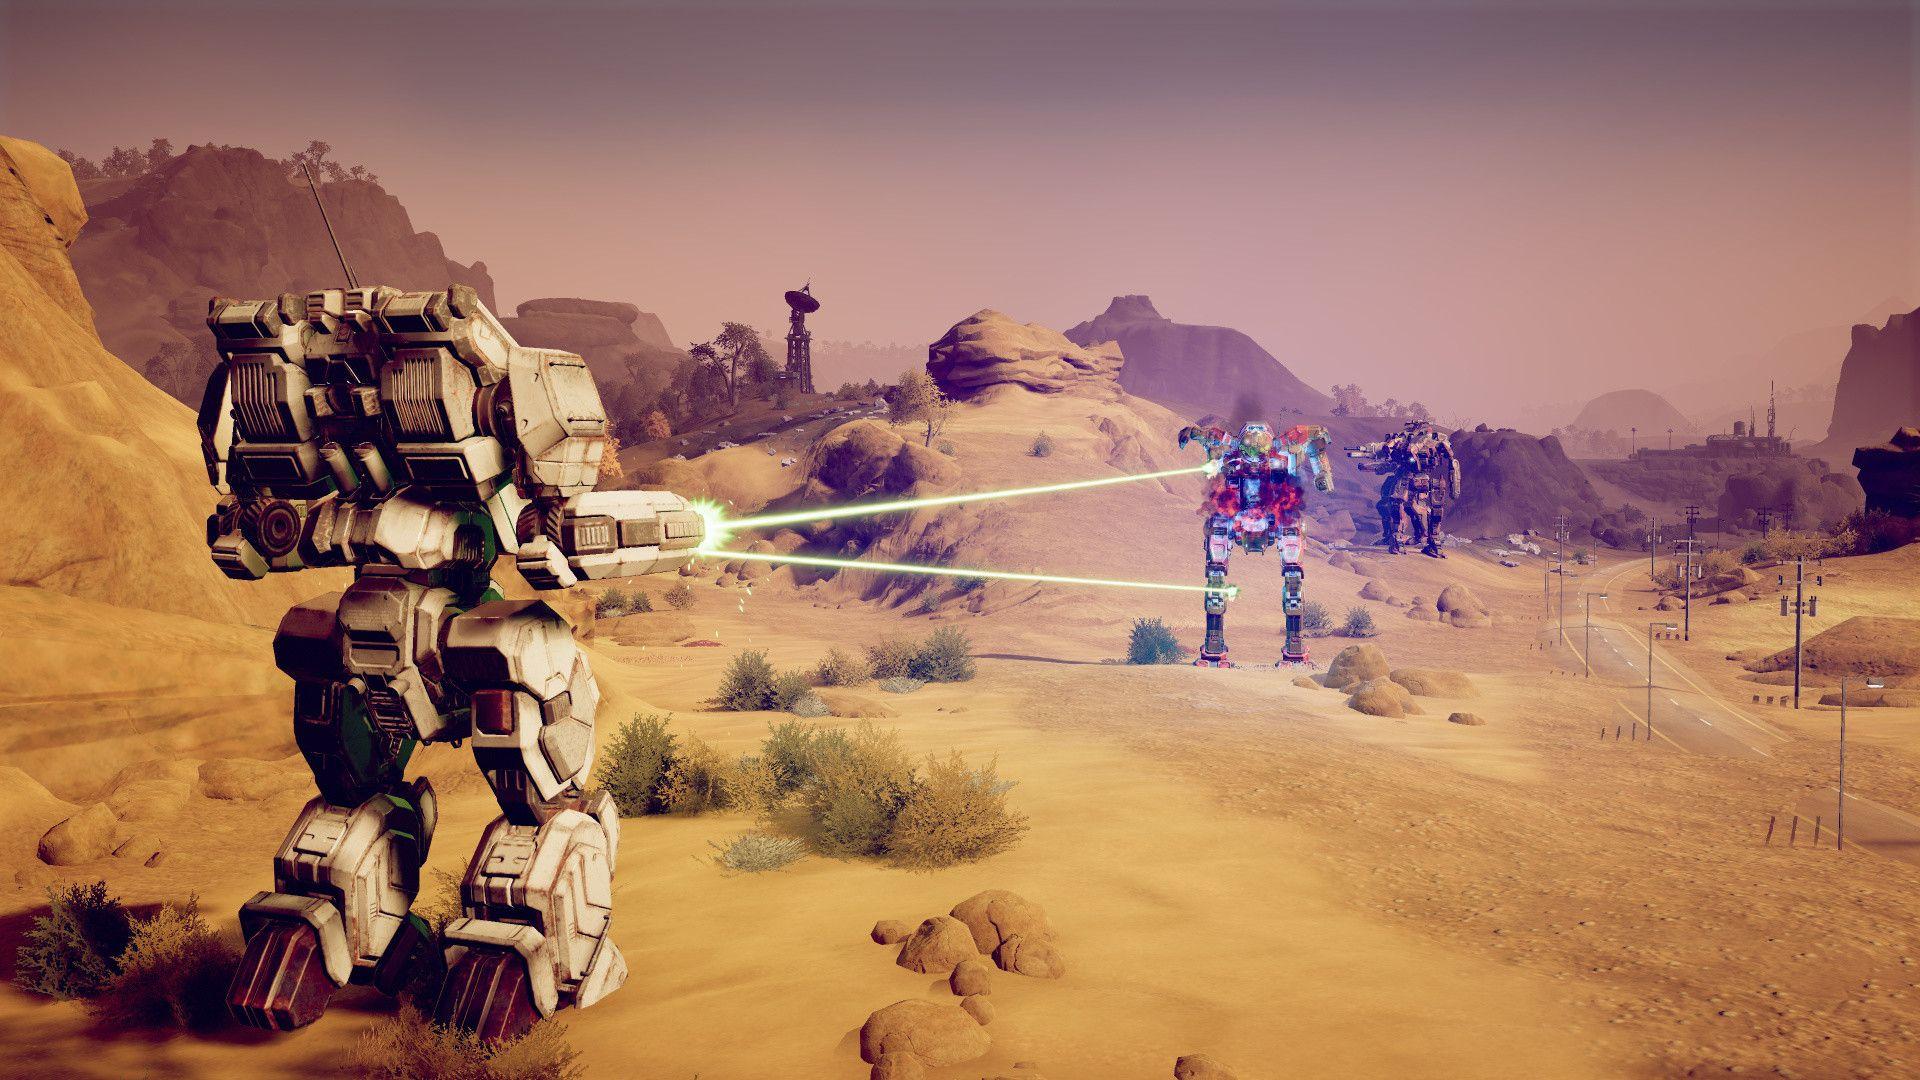 New Gameplay Walkthrough For Mechwarrior 5 Mercenaries Https Nichegamer Com 2019 11 22 New Gameplay Walkthrough For Mechw The Expanse Heavy Metal Old School